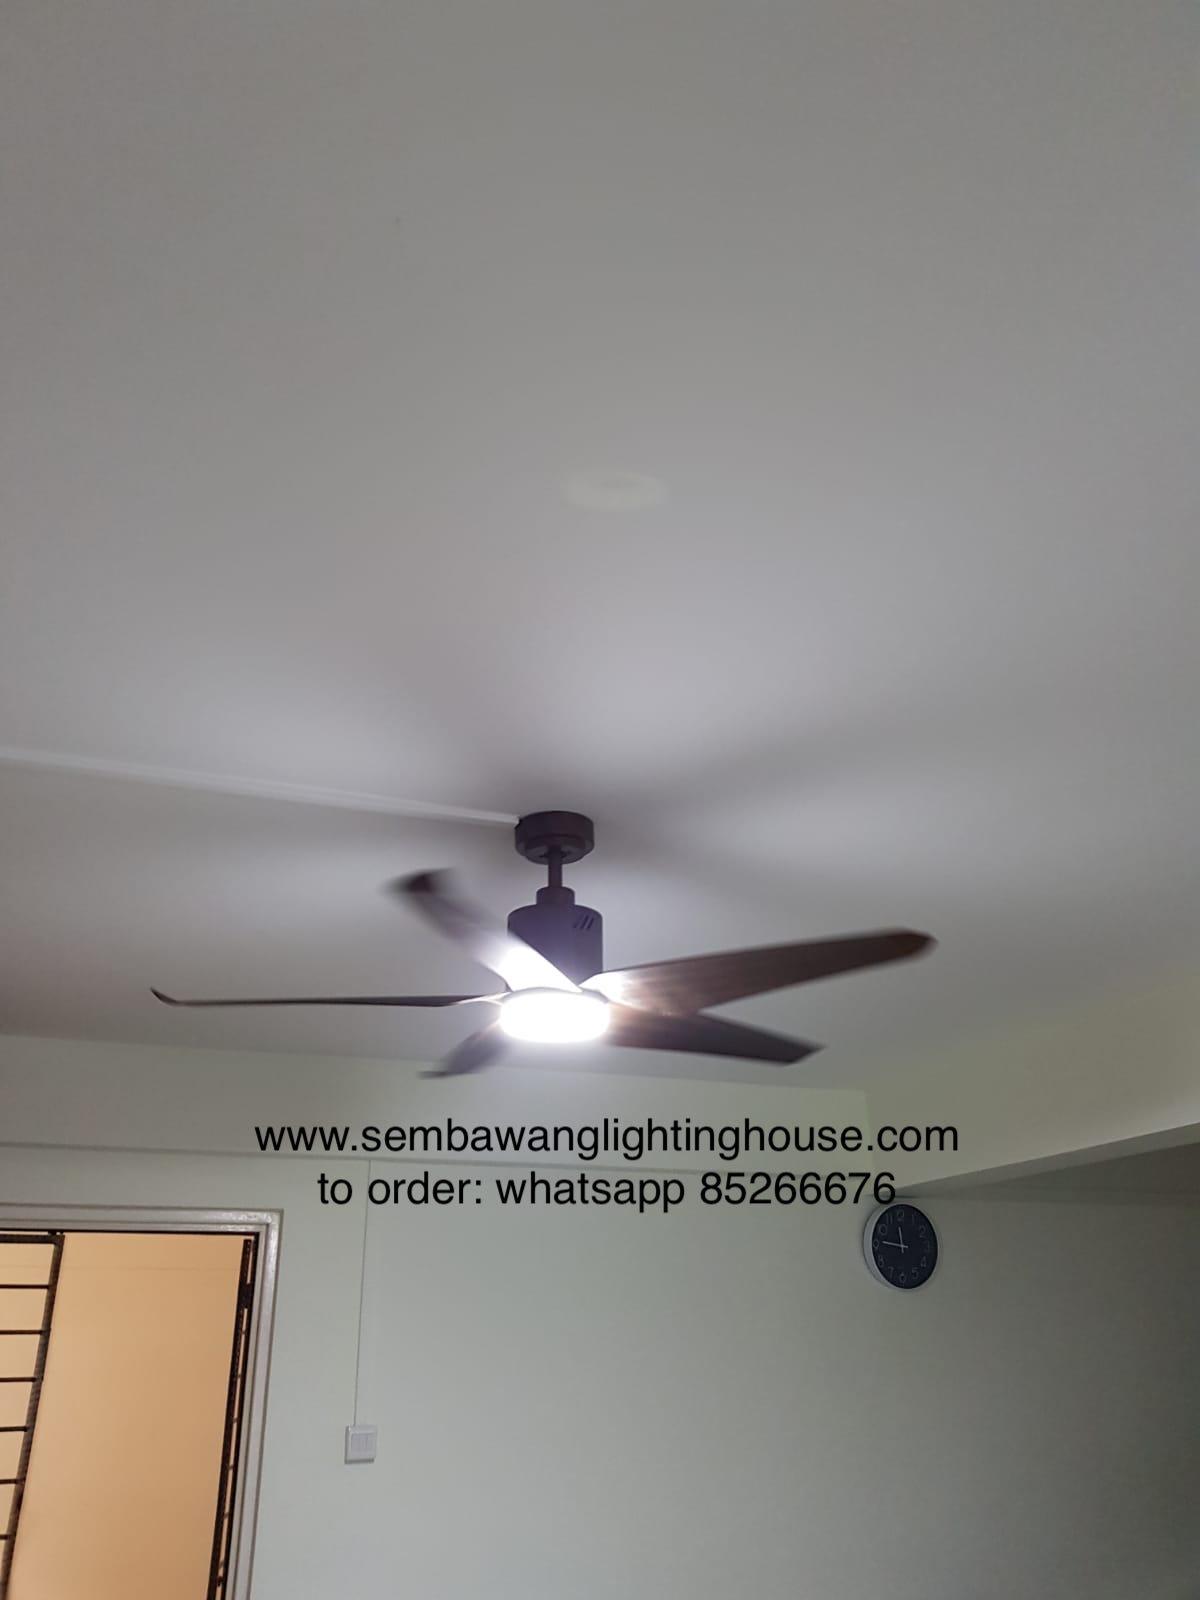 sample-03-kaze-kino-wood-led-ceiling-fan-sembawang-lighting-house.jpg